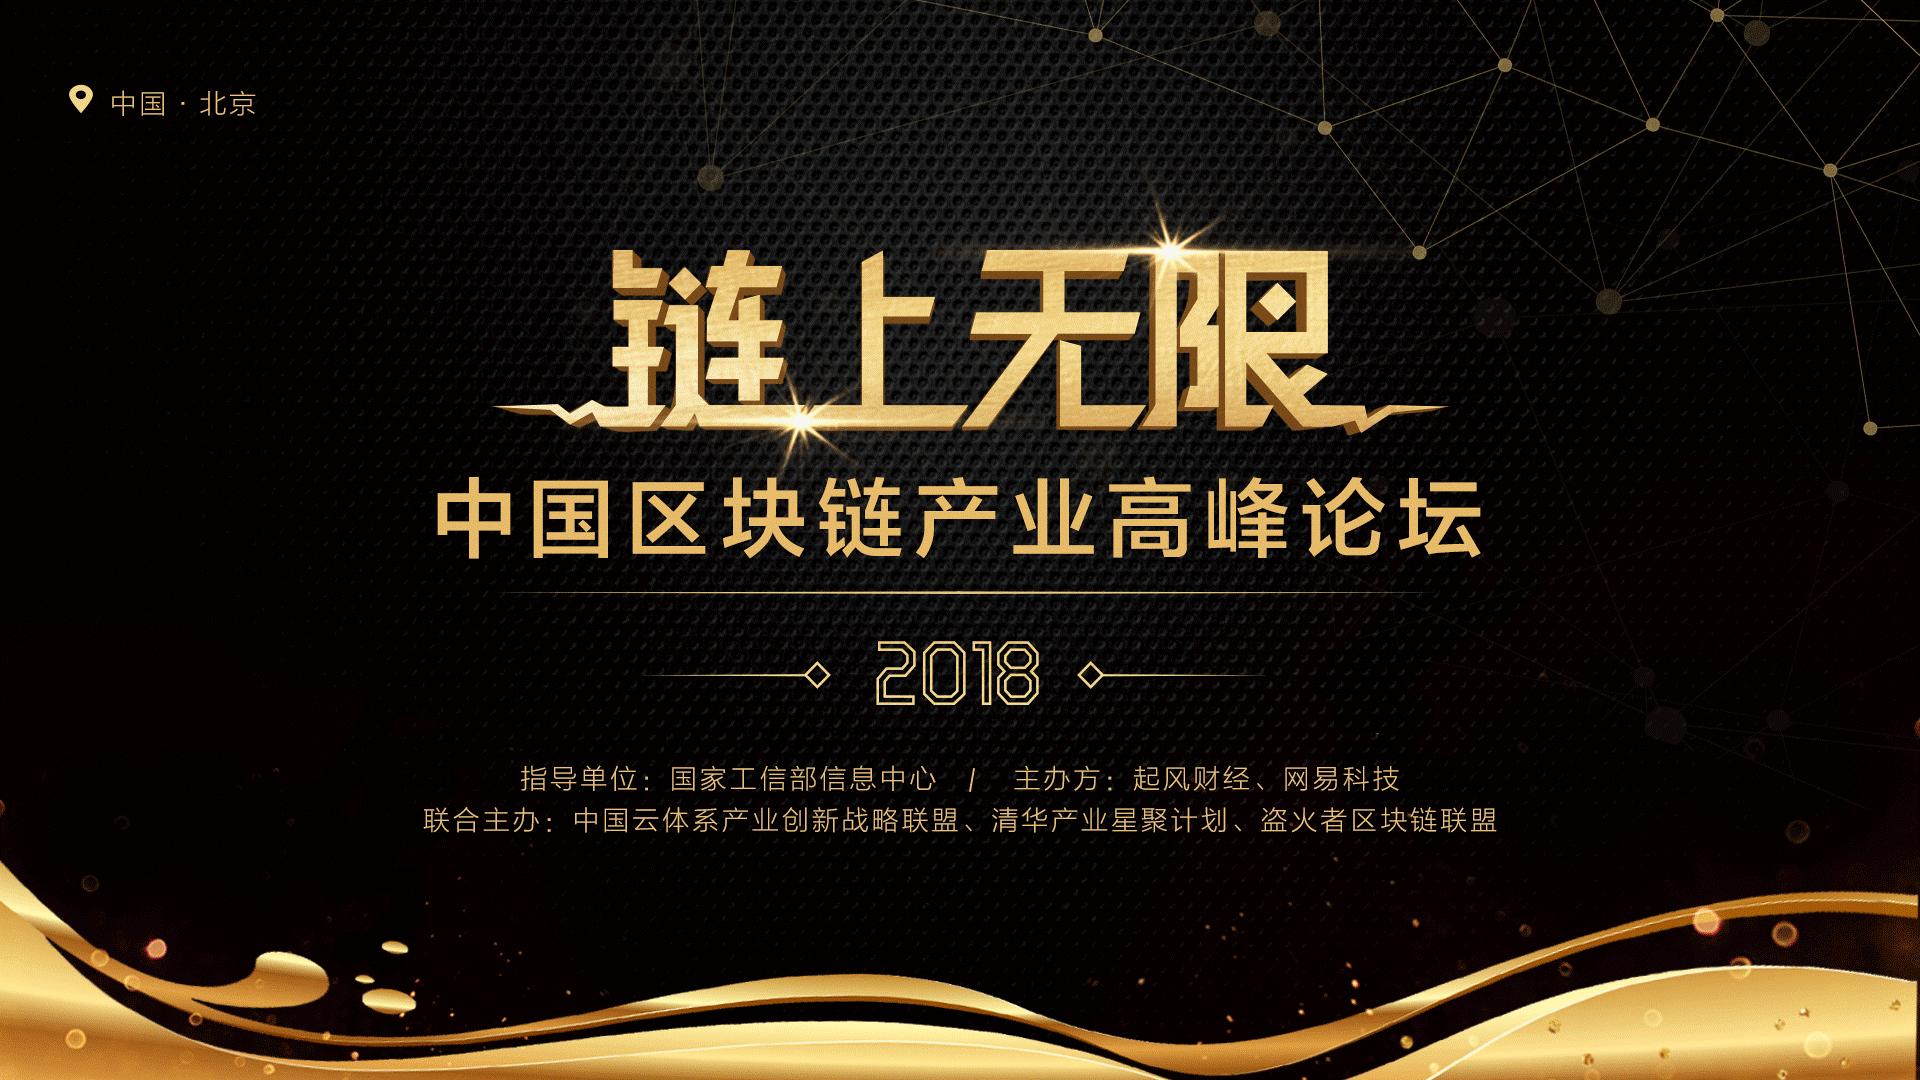 2018中国区块链产业高峰论坛5月20日将在北京举行